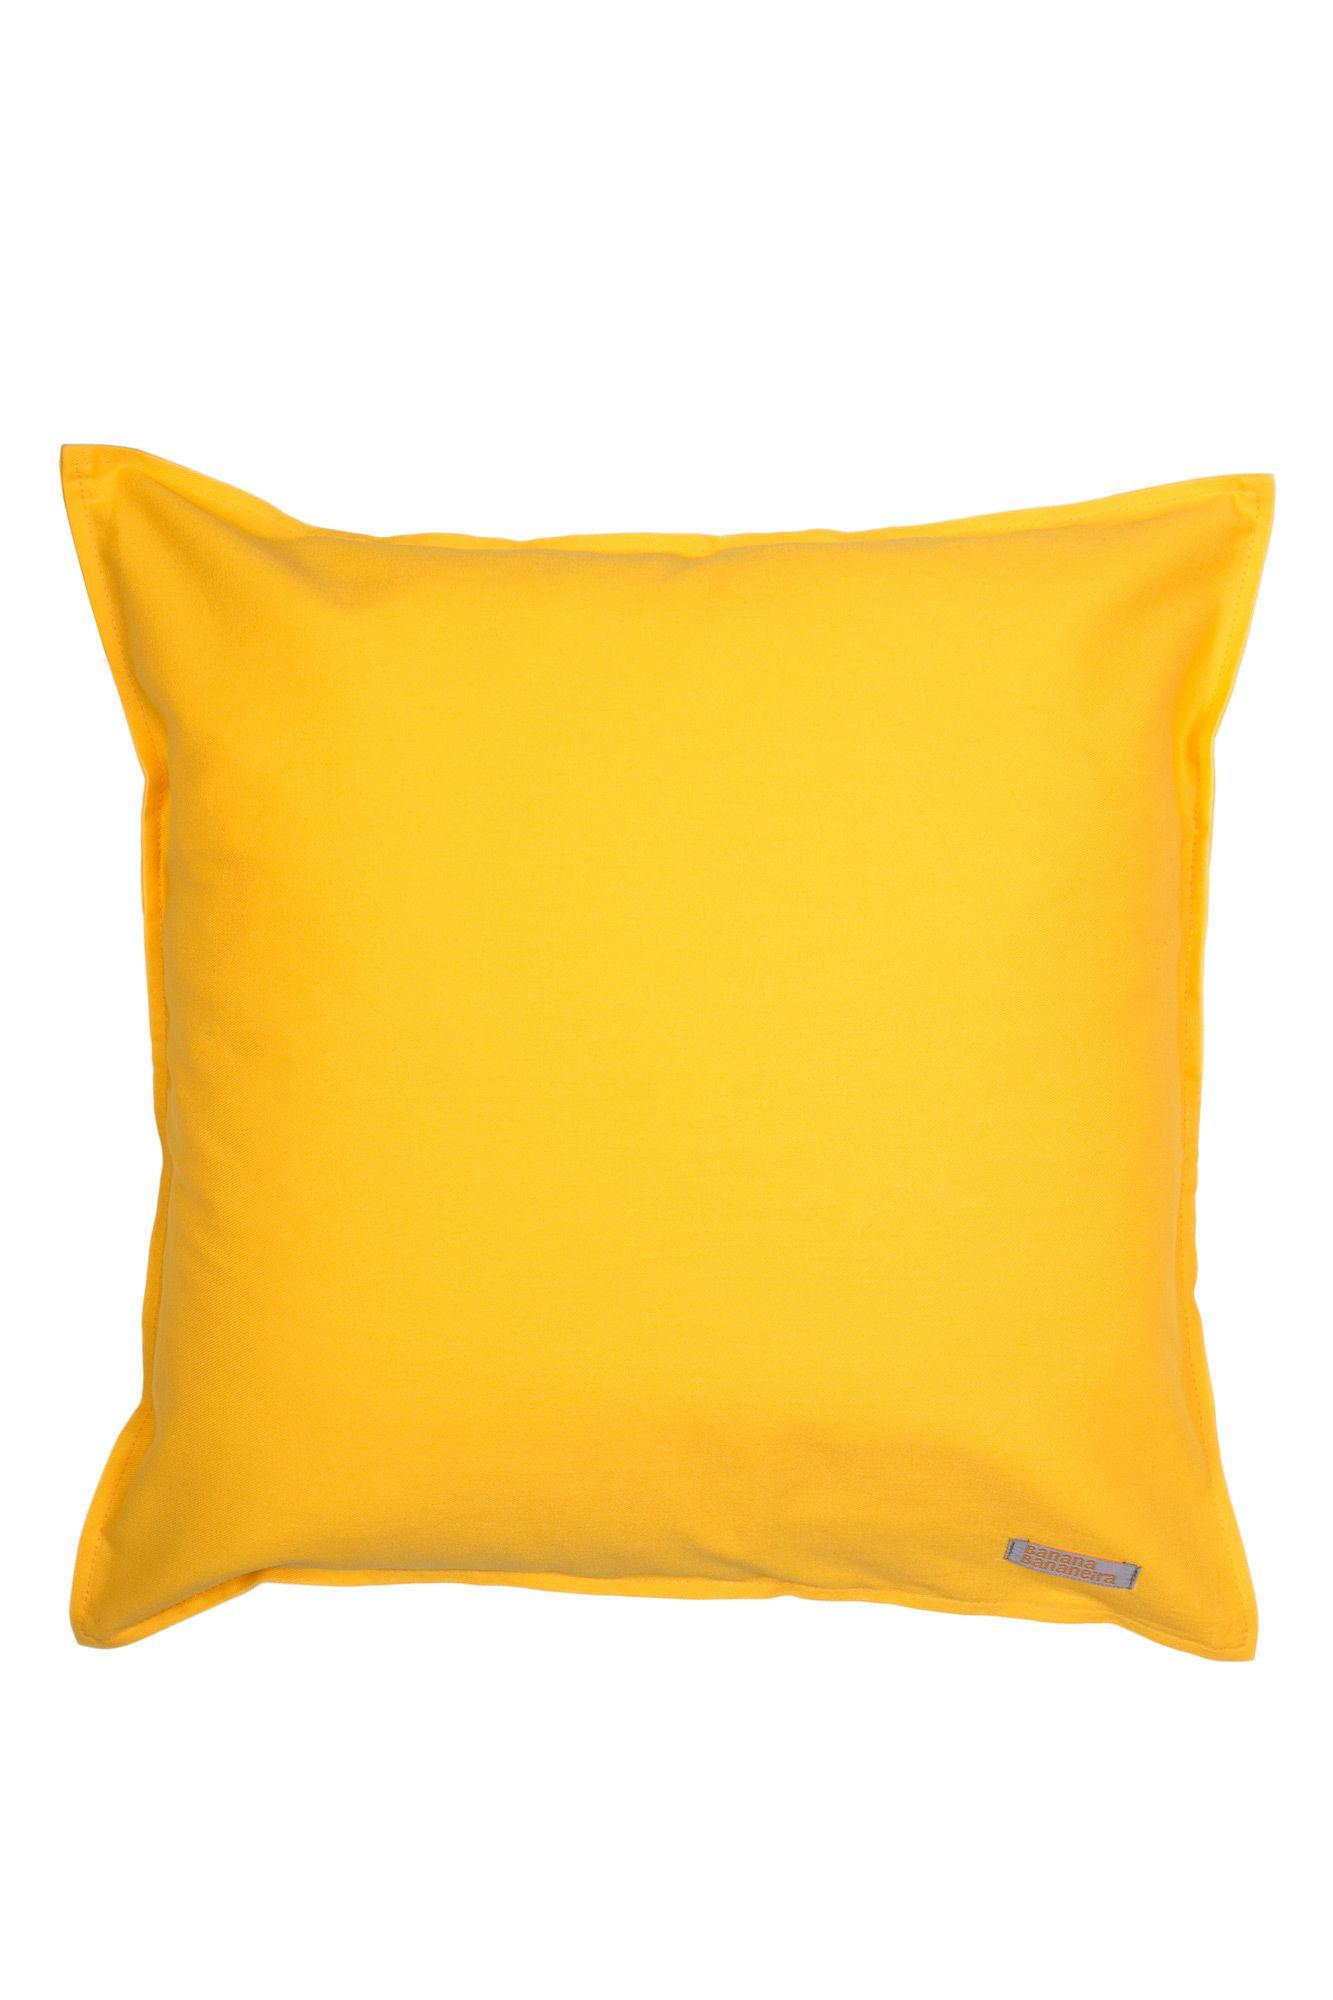 Capa de almofada em pesponto 45 cm x 45 cm amarela